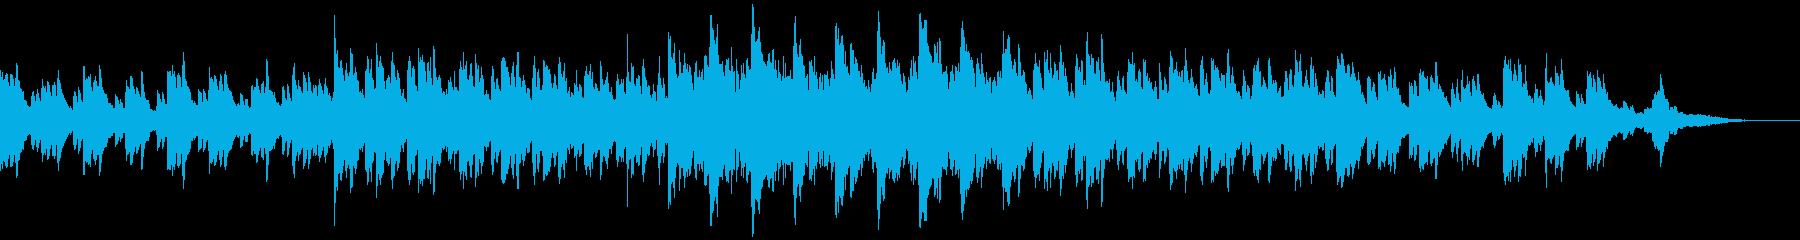 透明感・爽やか・企業VP・CM・60秒の再生済みの波形